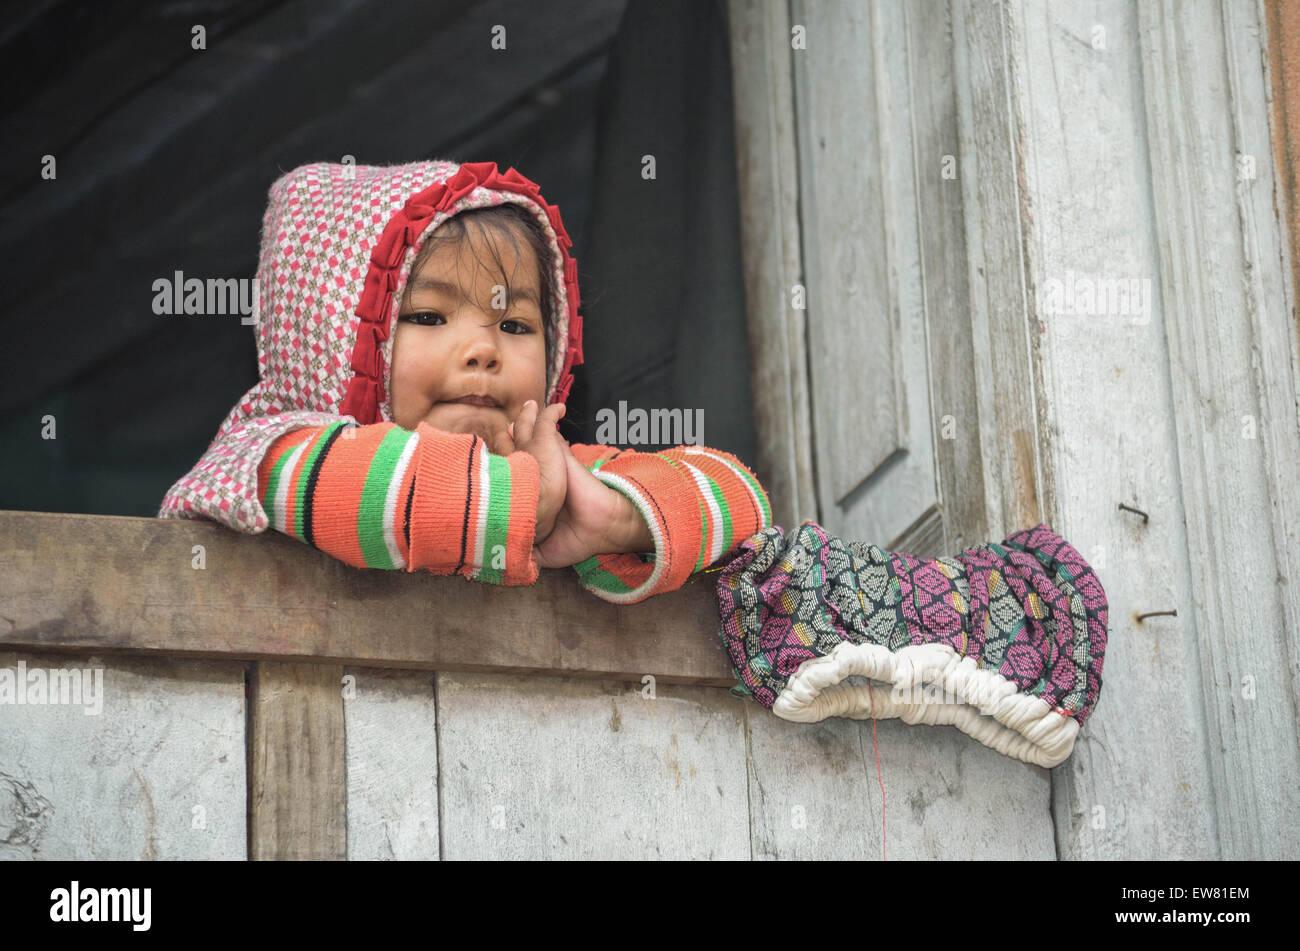 'Viaje' 'viaja' 'viaje' 'trips' 'culturas' 'cultura' 'Asia' 'Nepal' y 'niño' 'niños' 'Kid' 'kids' 'Vertical', 'Fotografía' Foto de stock